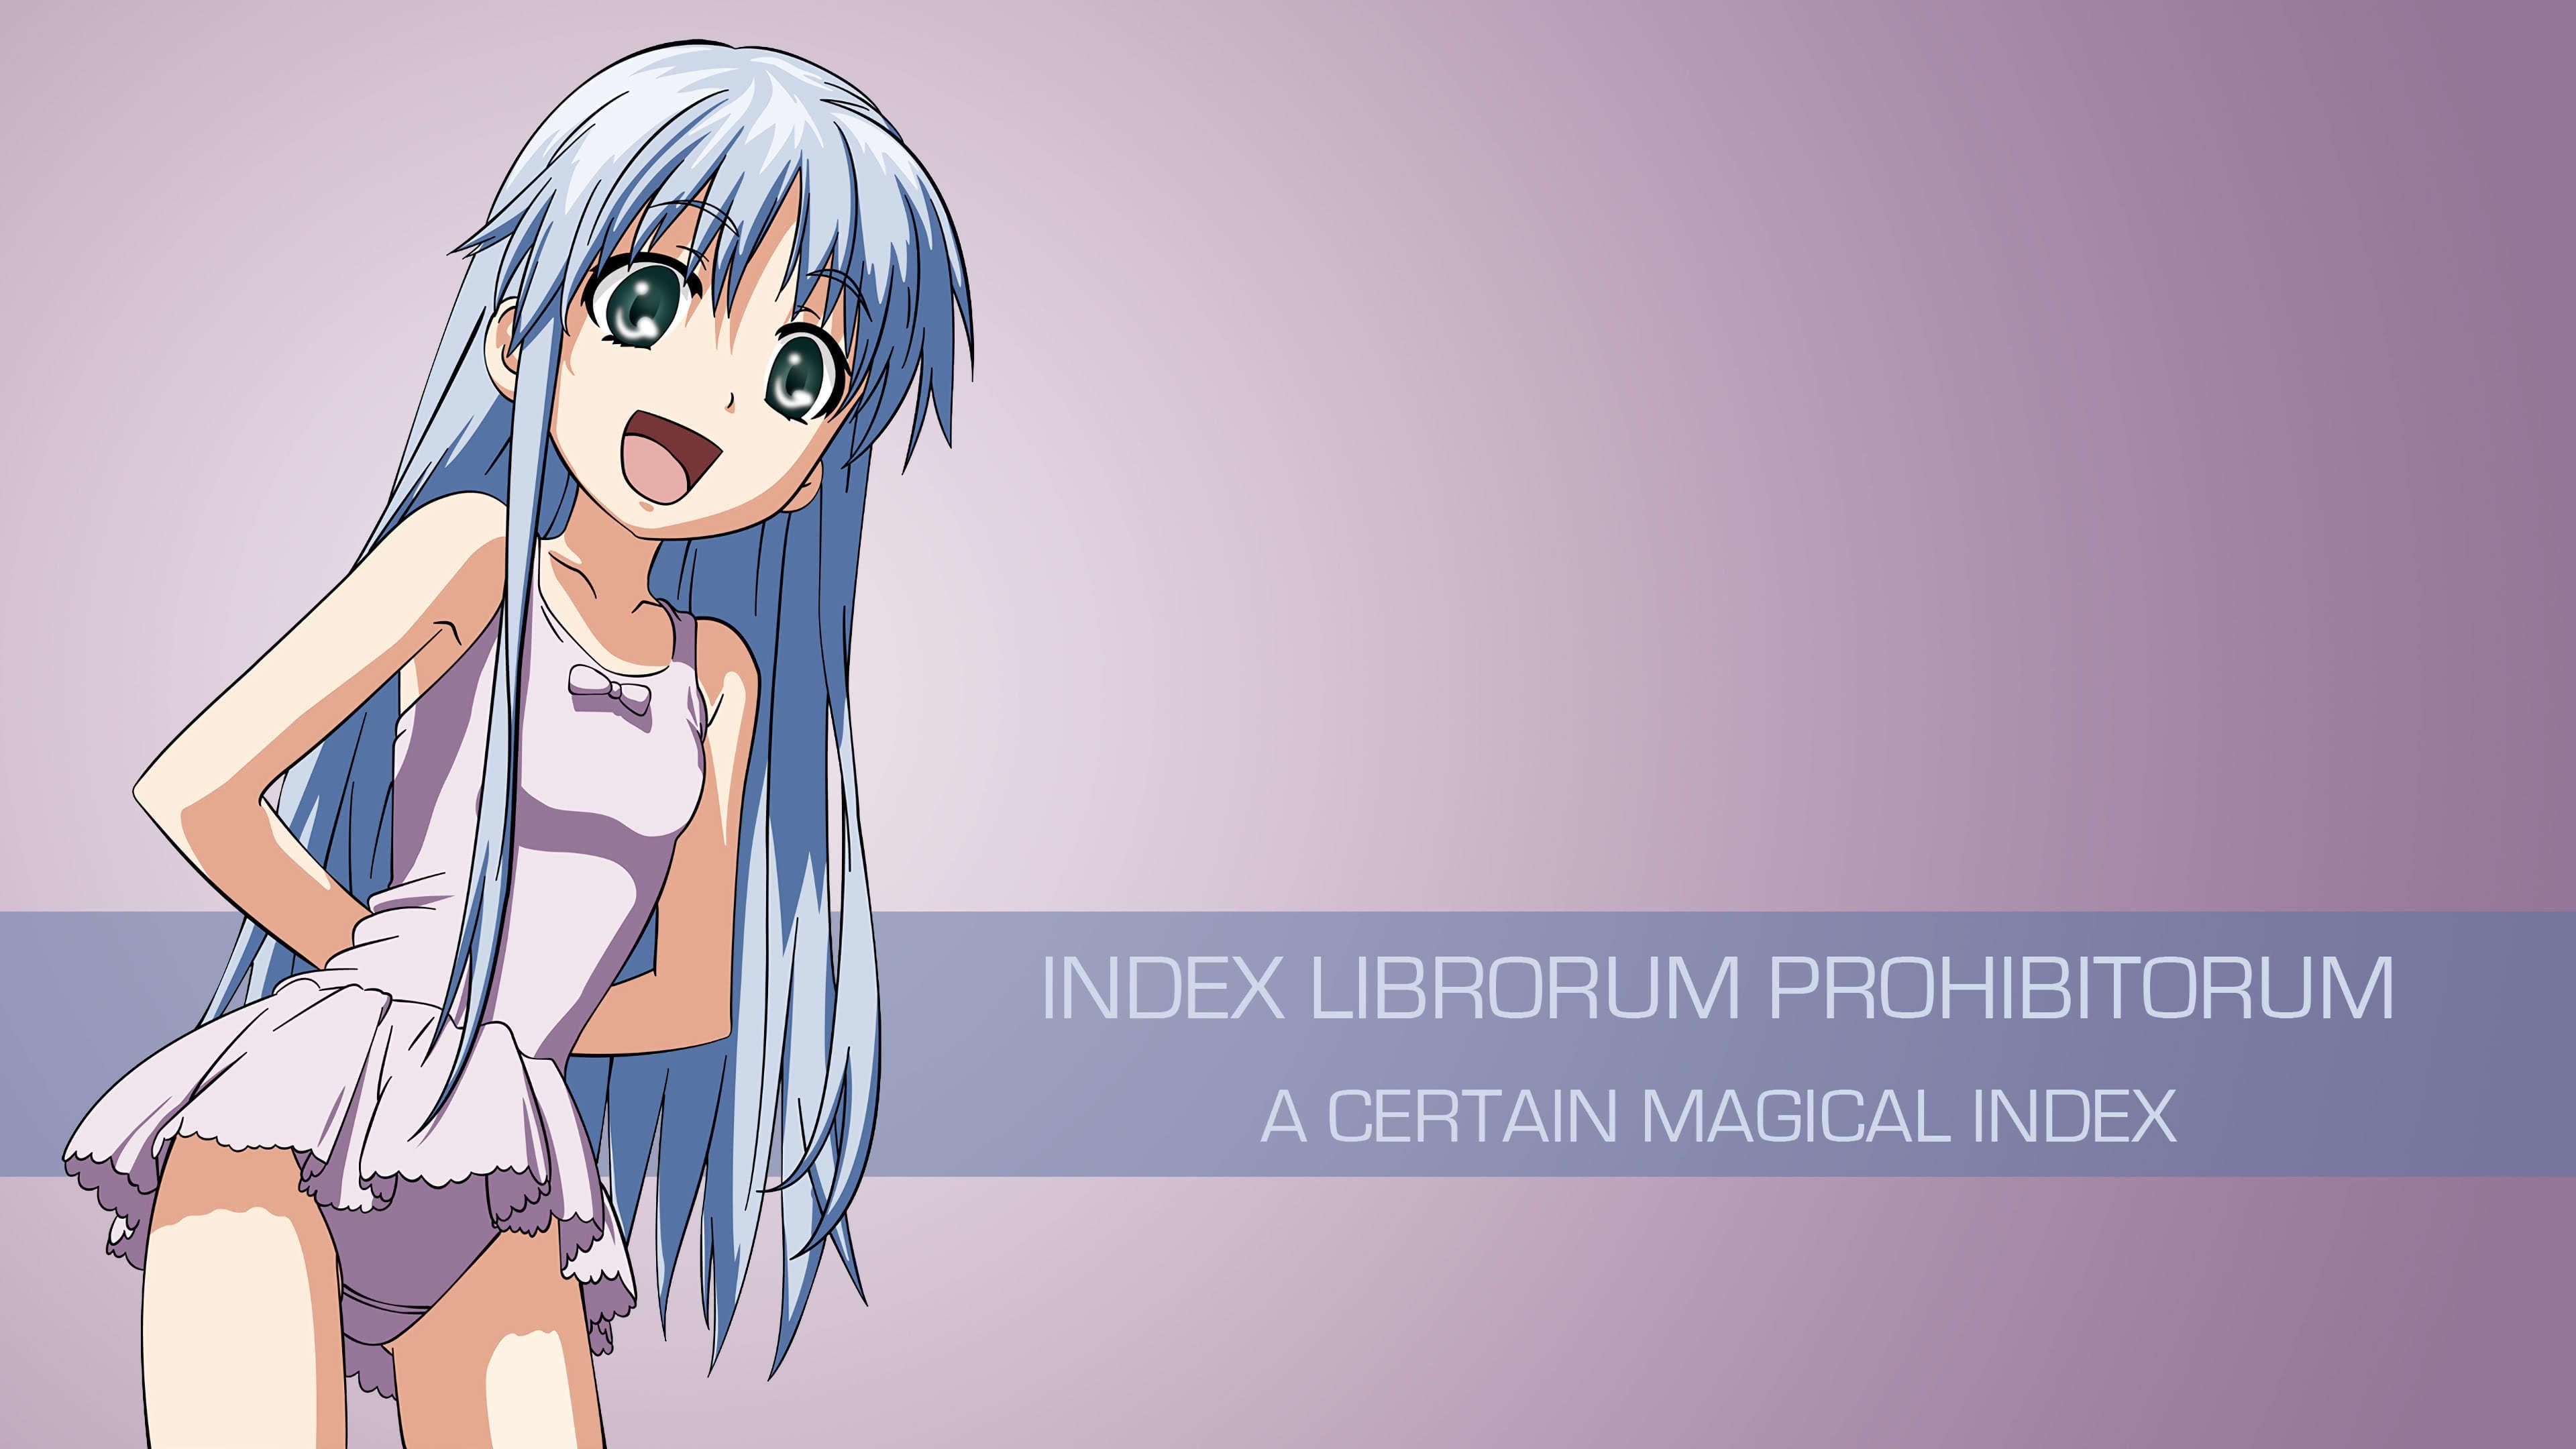 Index Librorum Prohibitorum A Certain Magical Index Uhd 4k